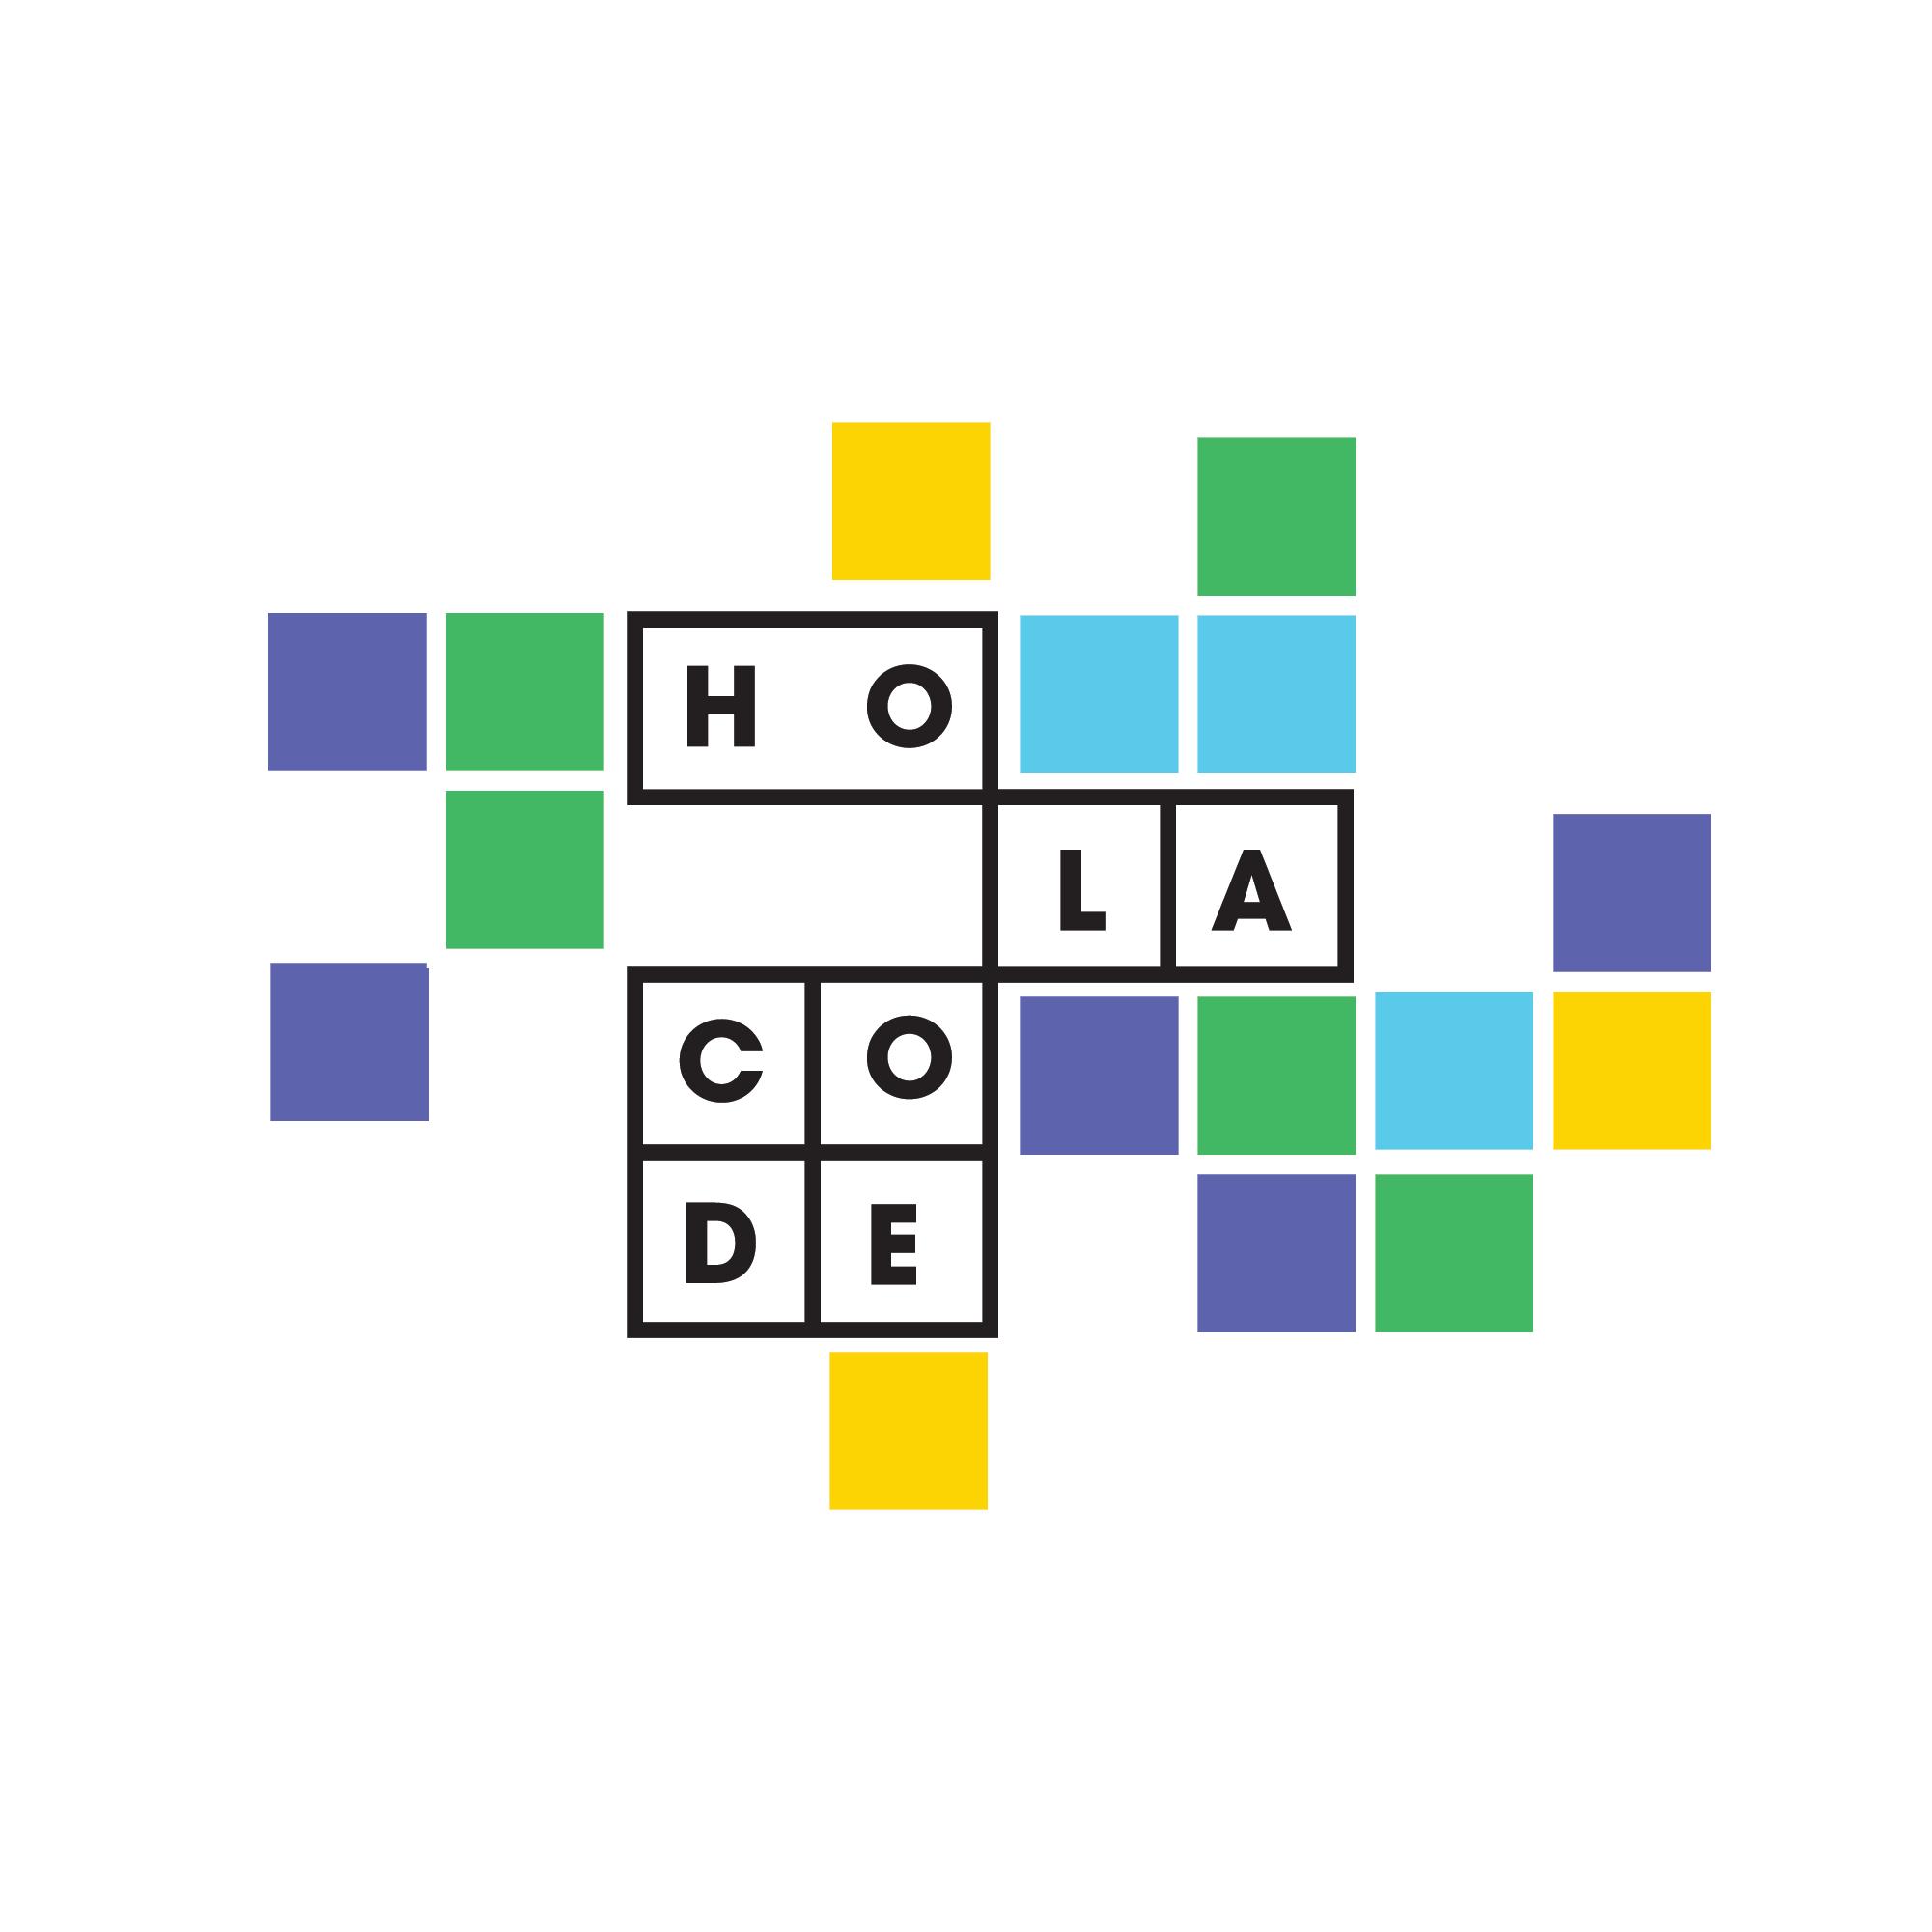 holacode-pooler